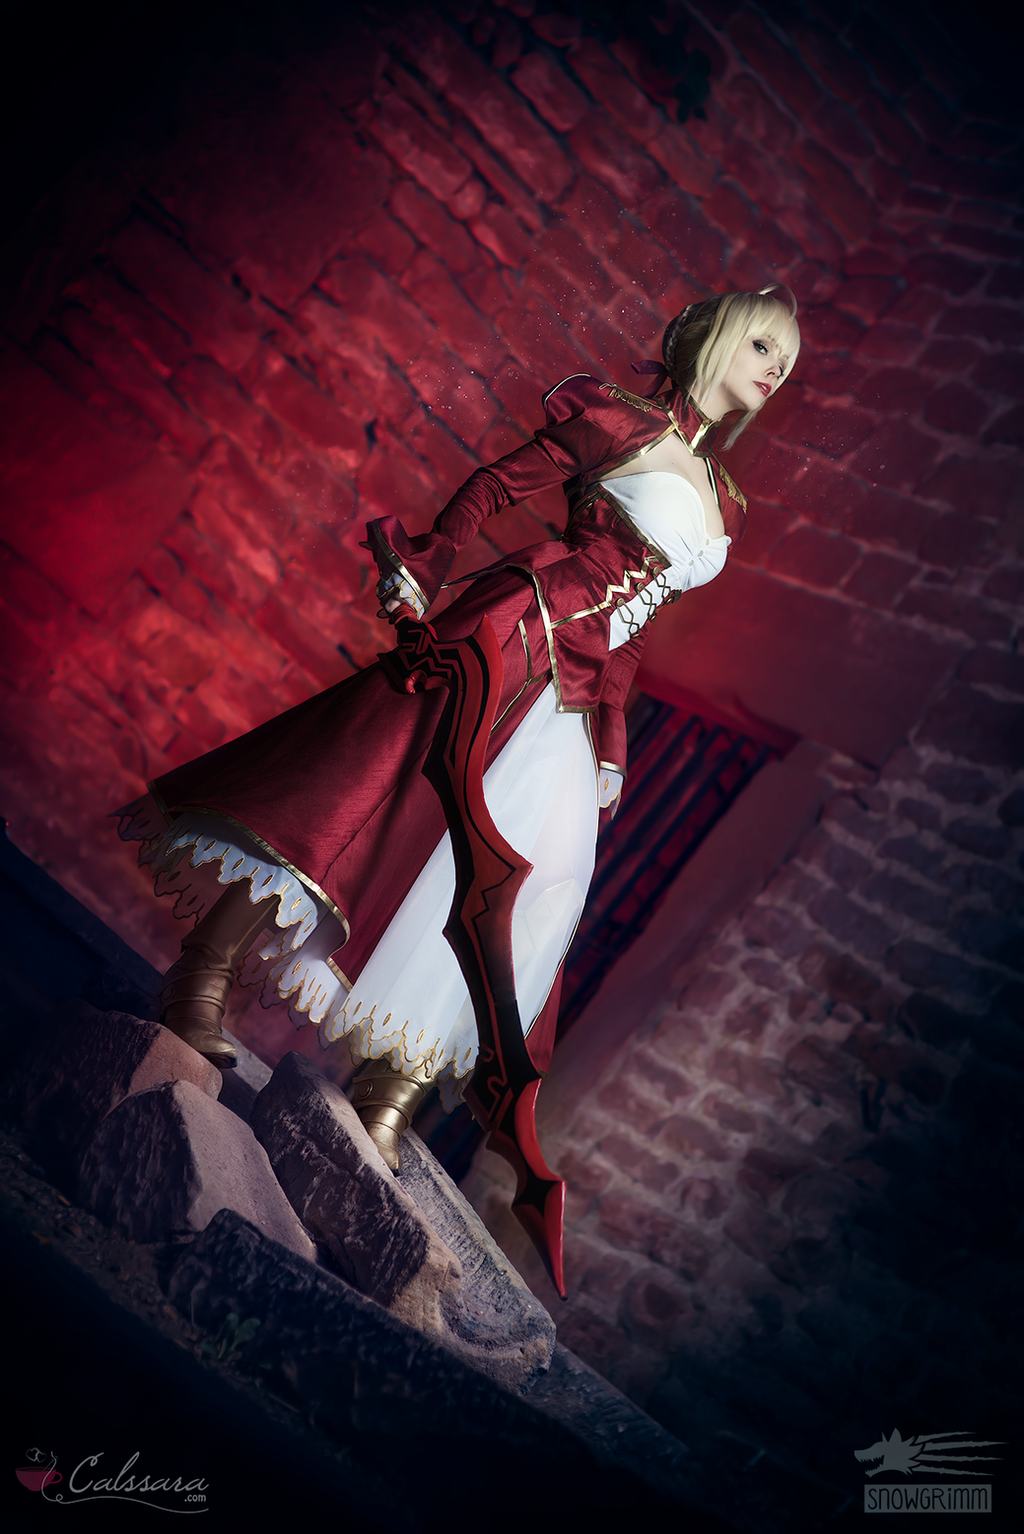 Saber Nero - Fate/Extra IV by Calssara